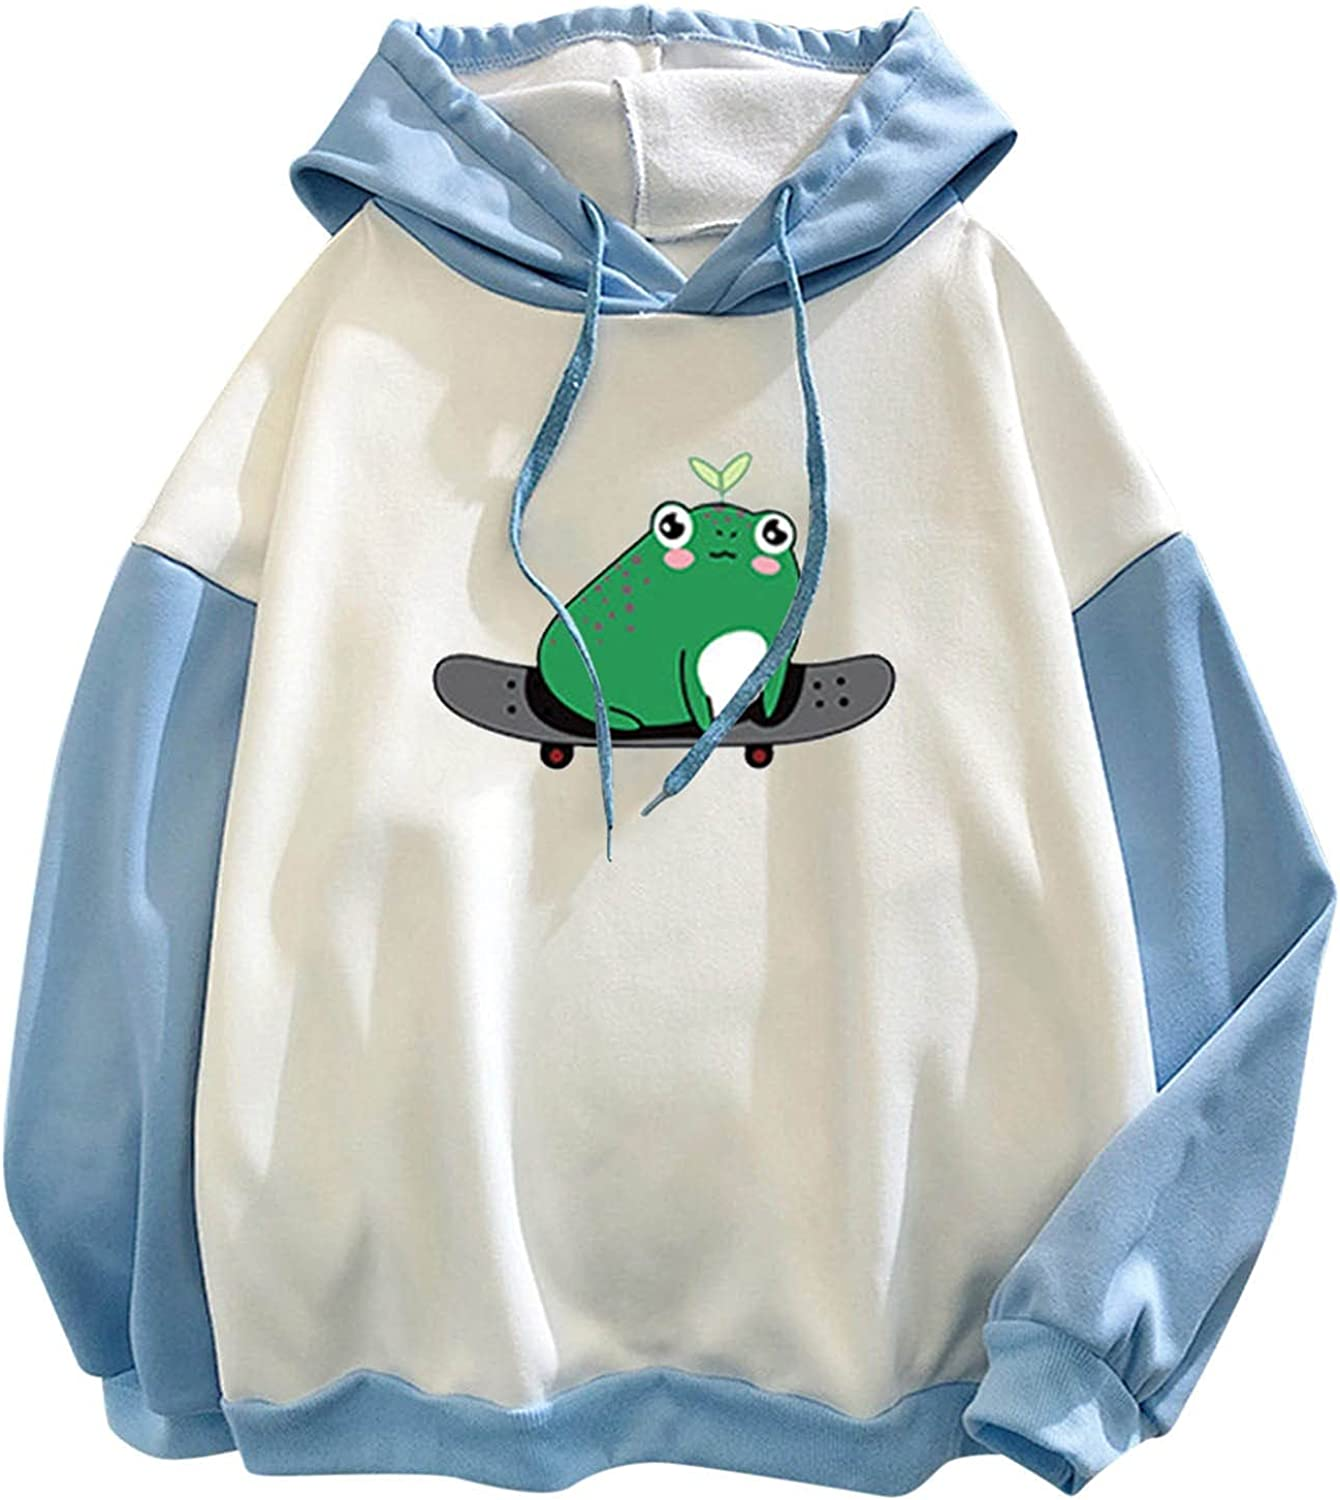 Hessimy Cute Hoodies for Women, Women's Cute Sweatshirts Skateboarding Frog Long Sleeve Hoodie Pullover Tops